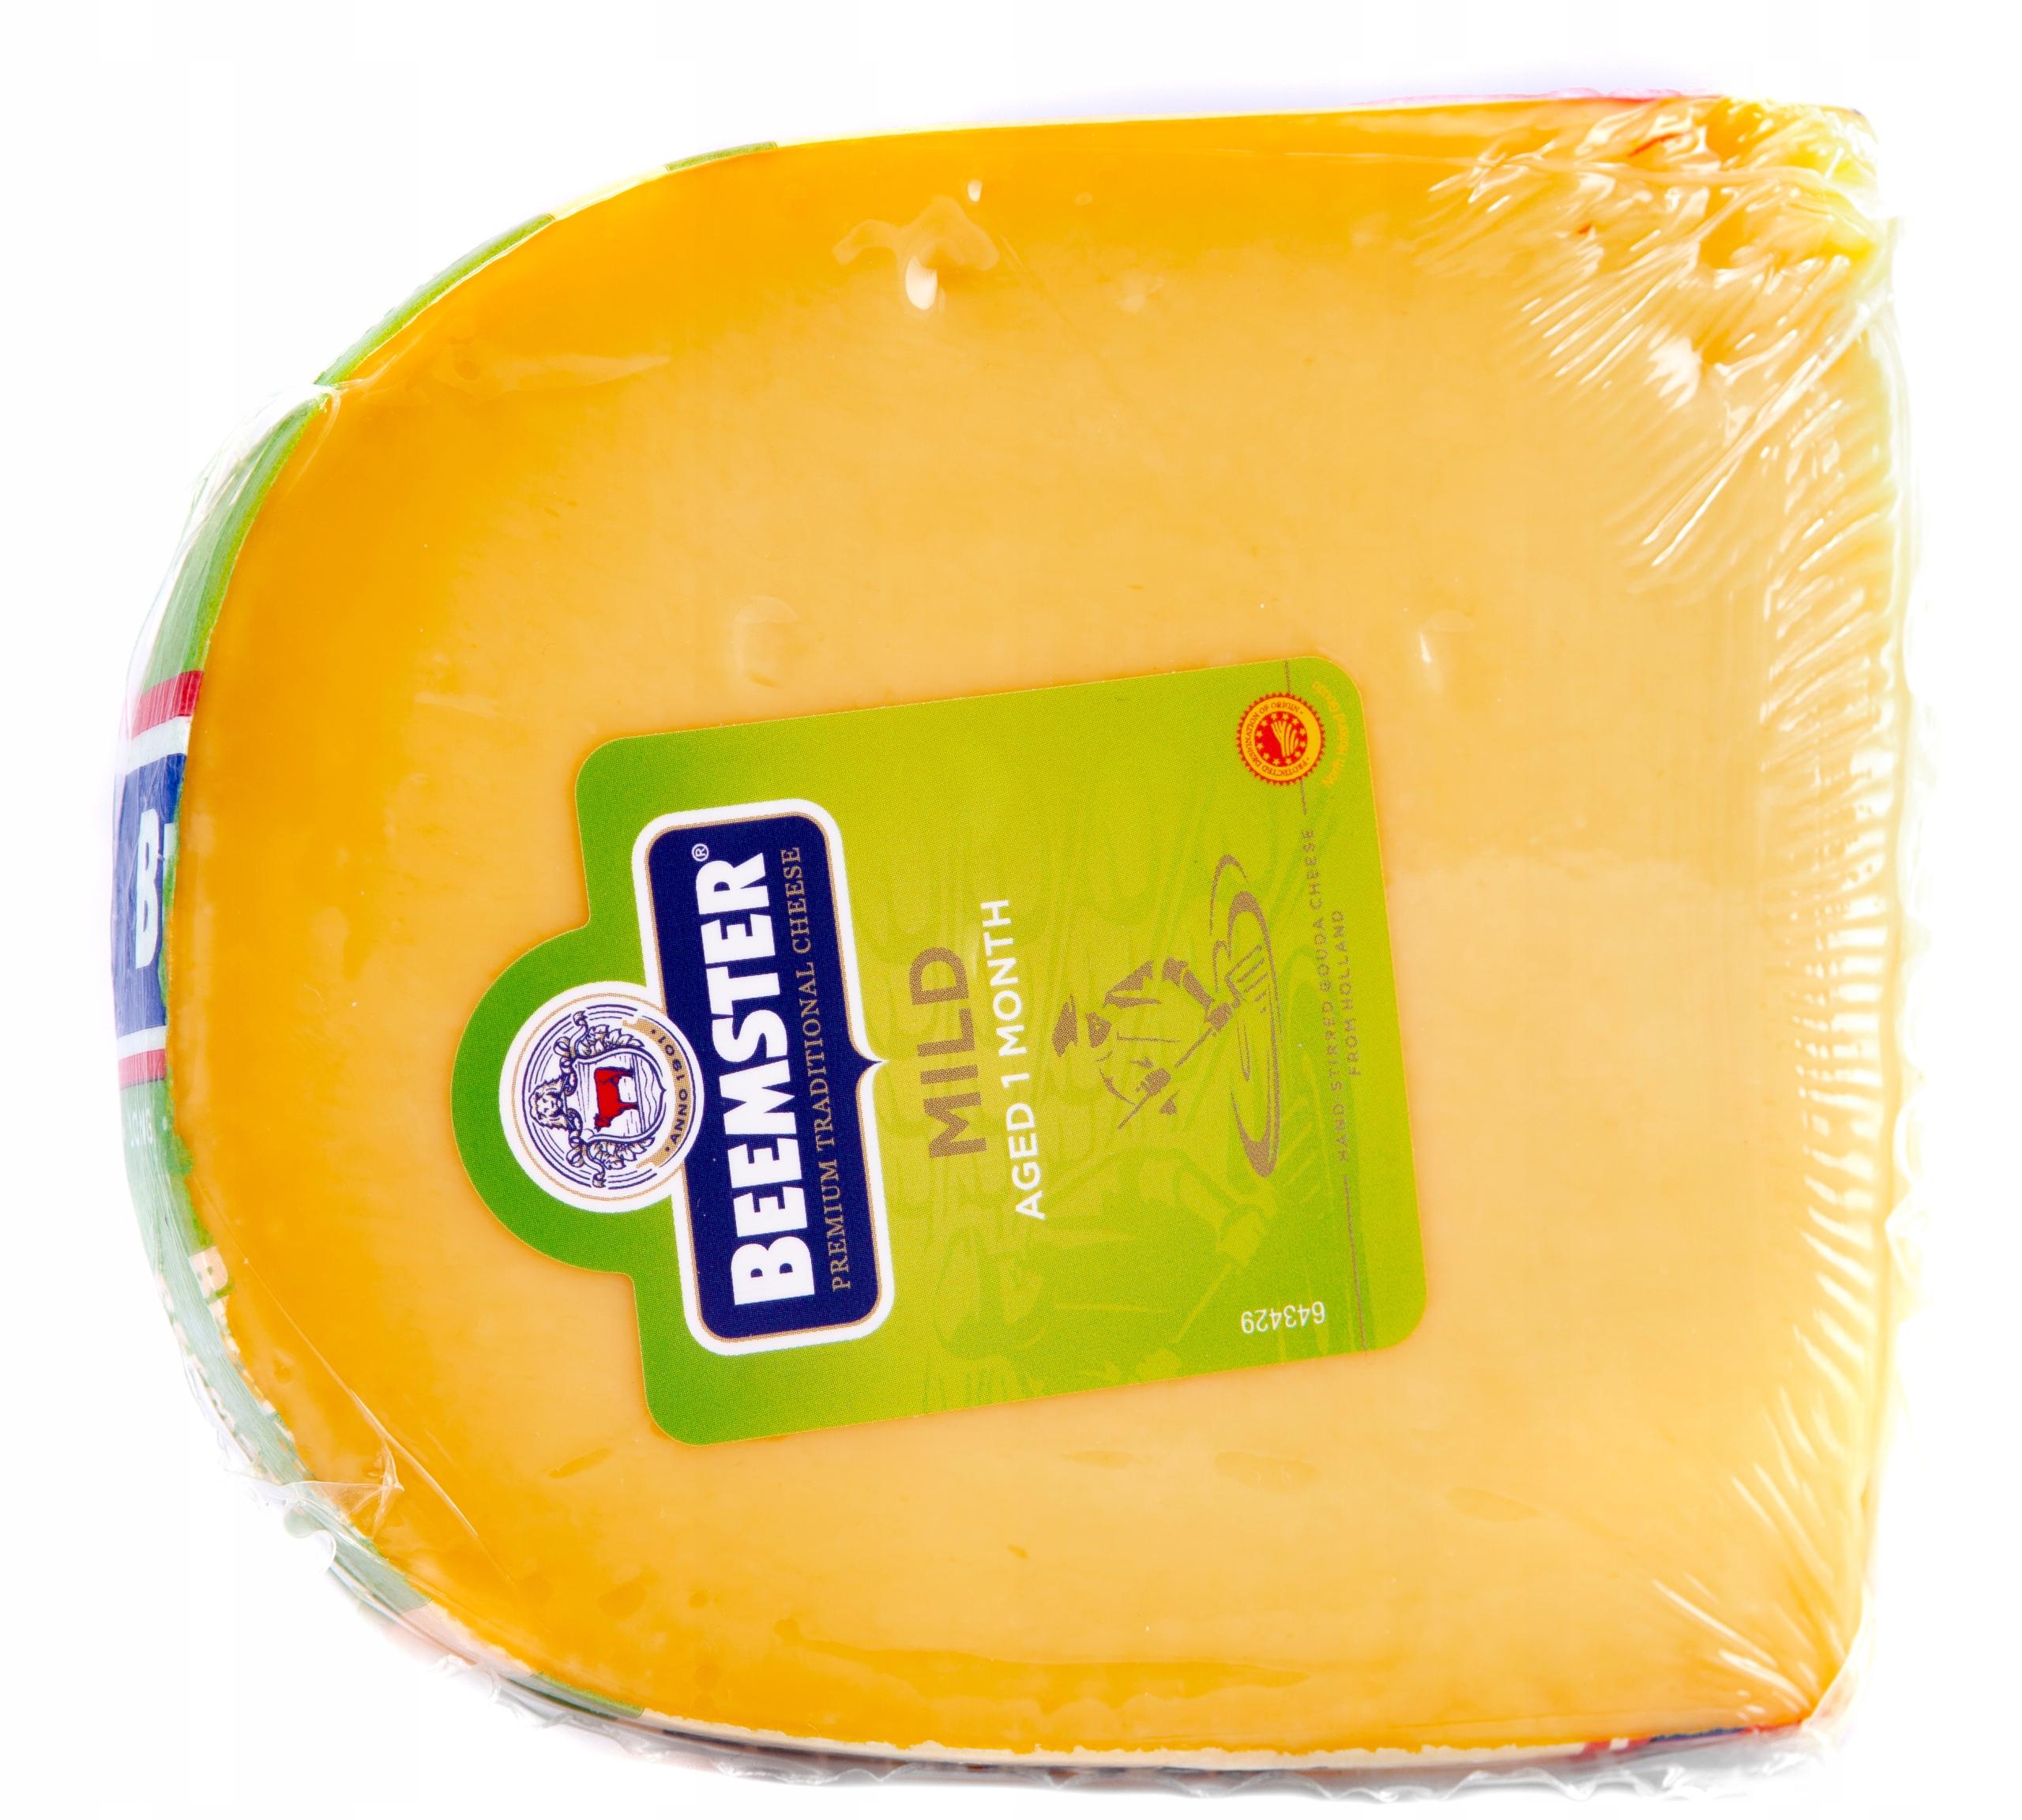 Pyszny ser GOUDA prosto z Holandii cudo RARYTAS